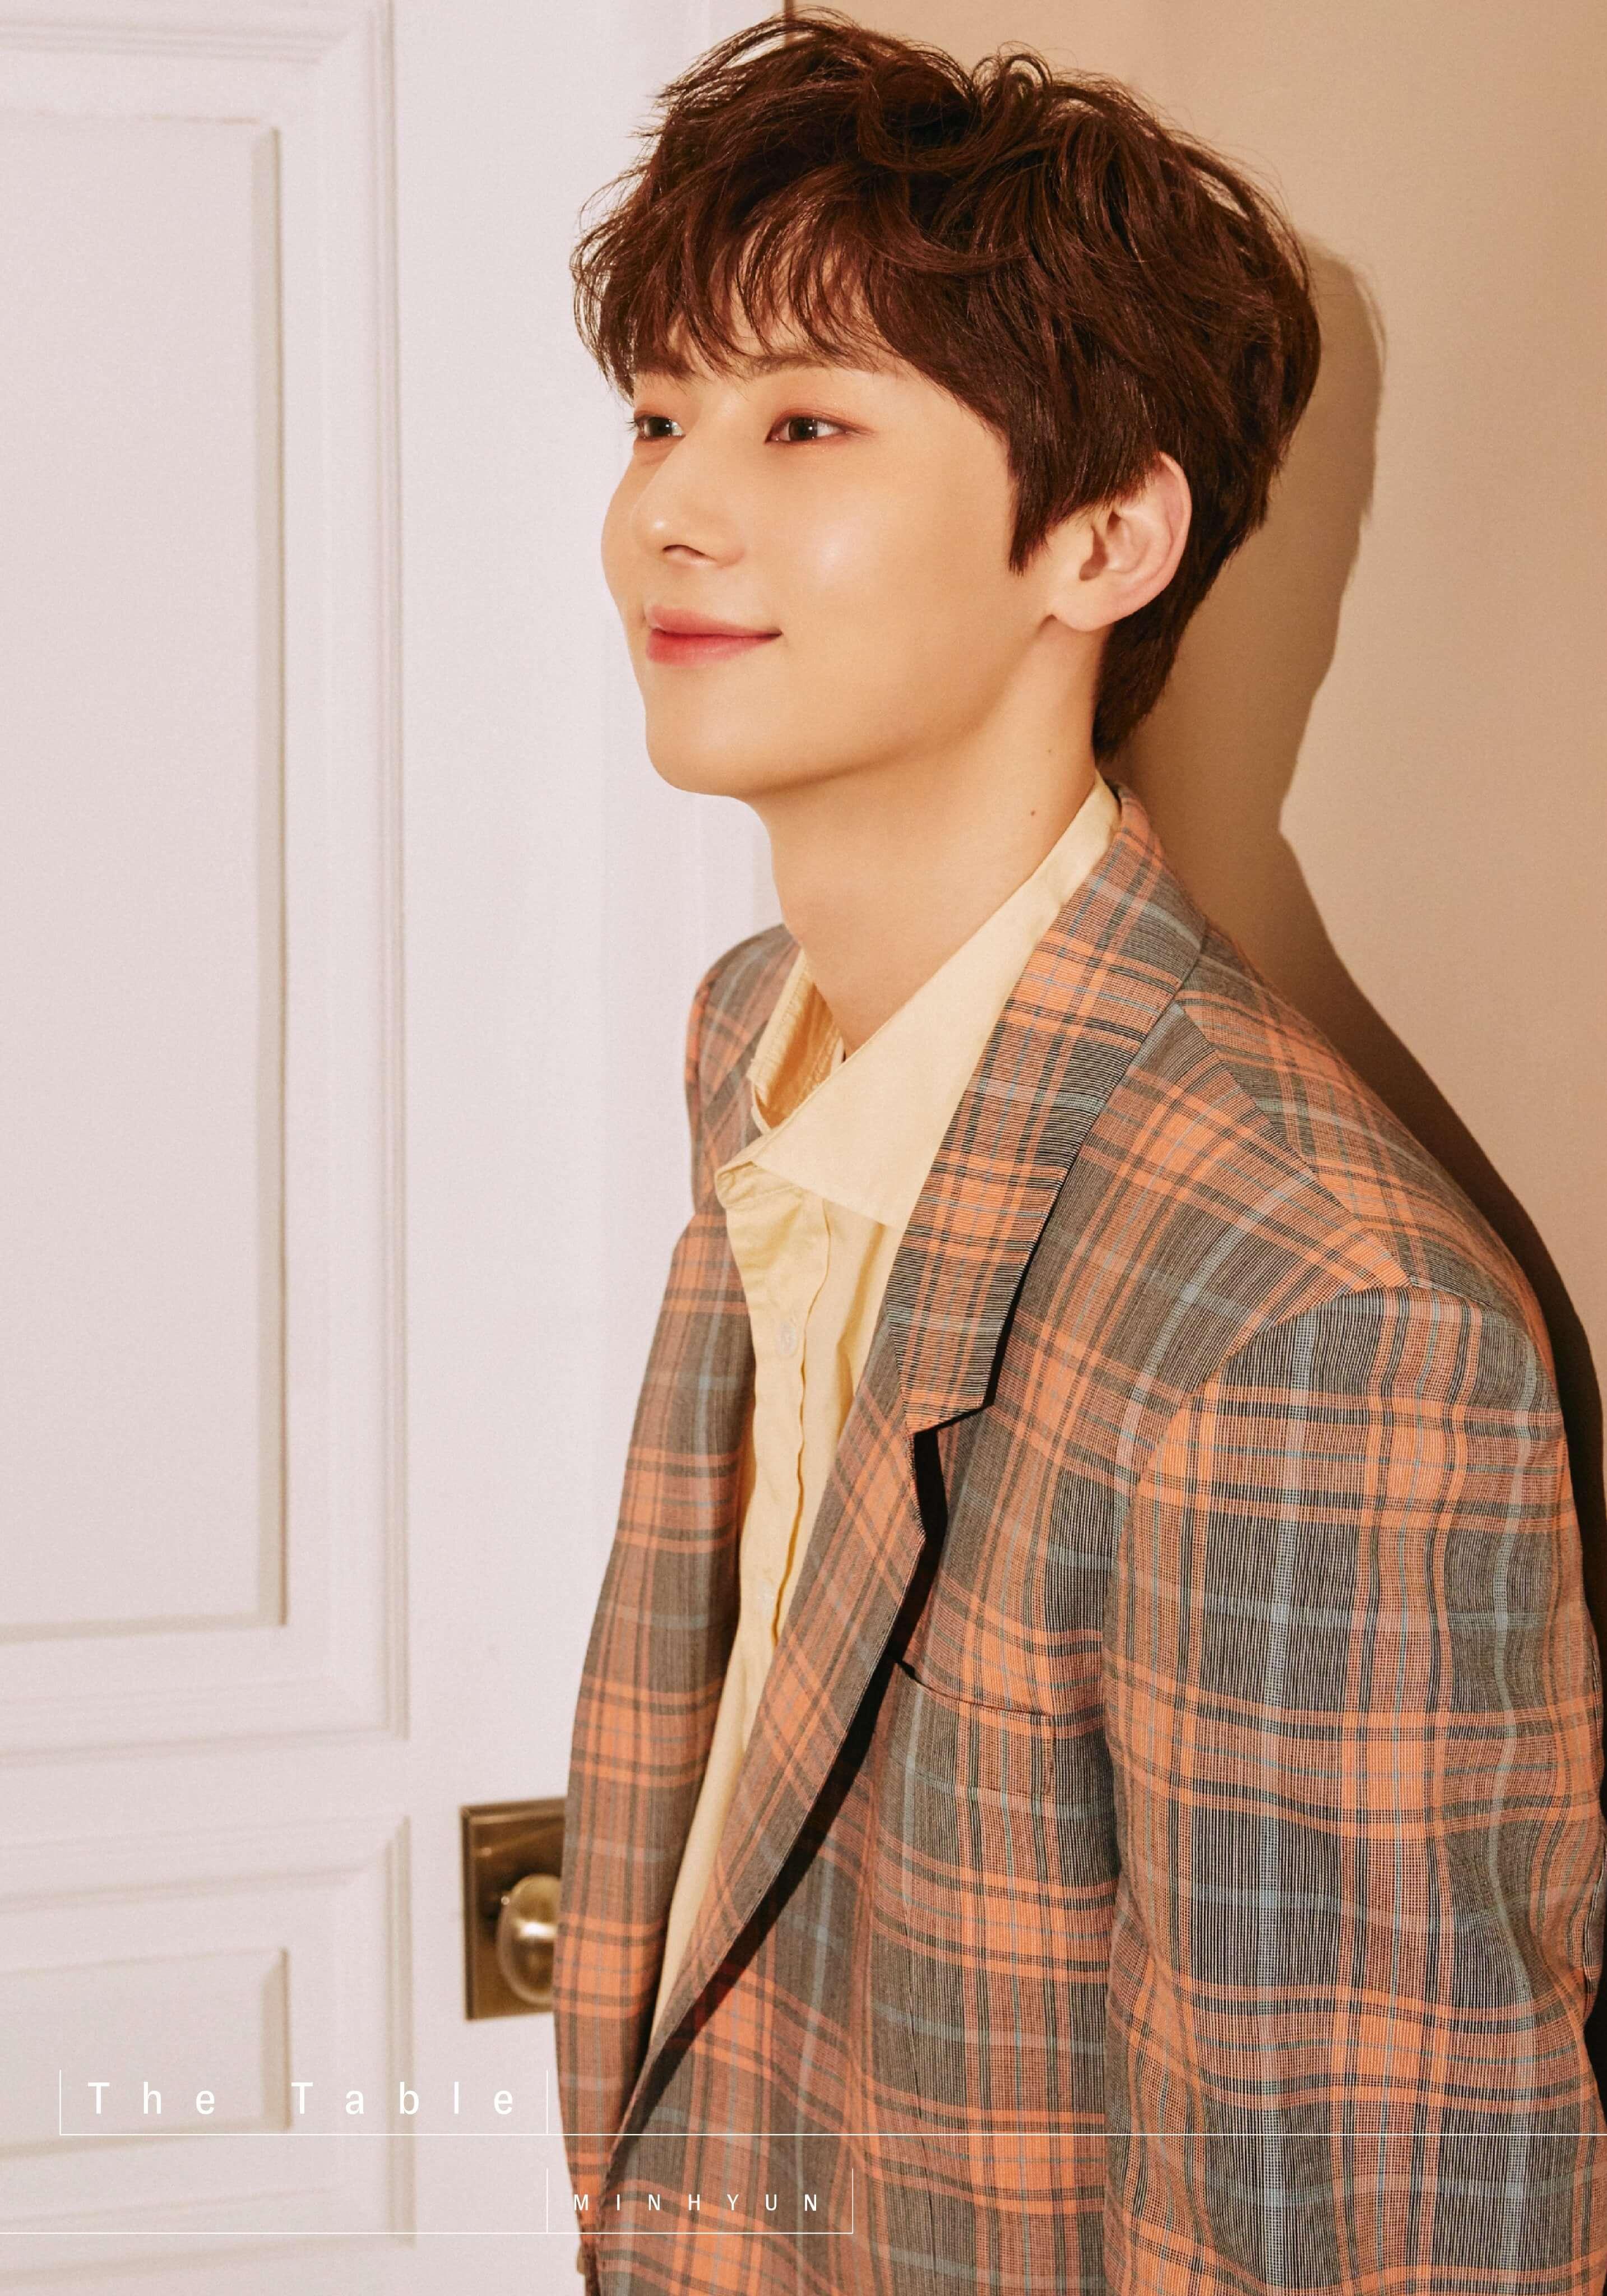 Min Hyun The Table Teaser 2